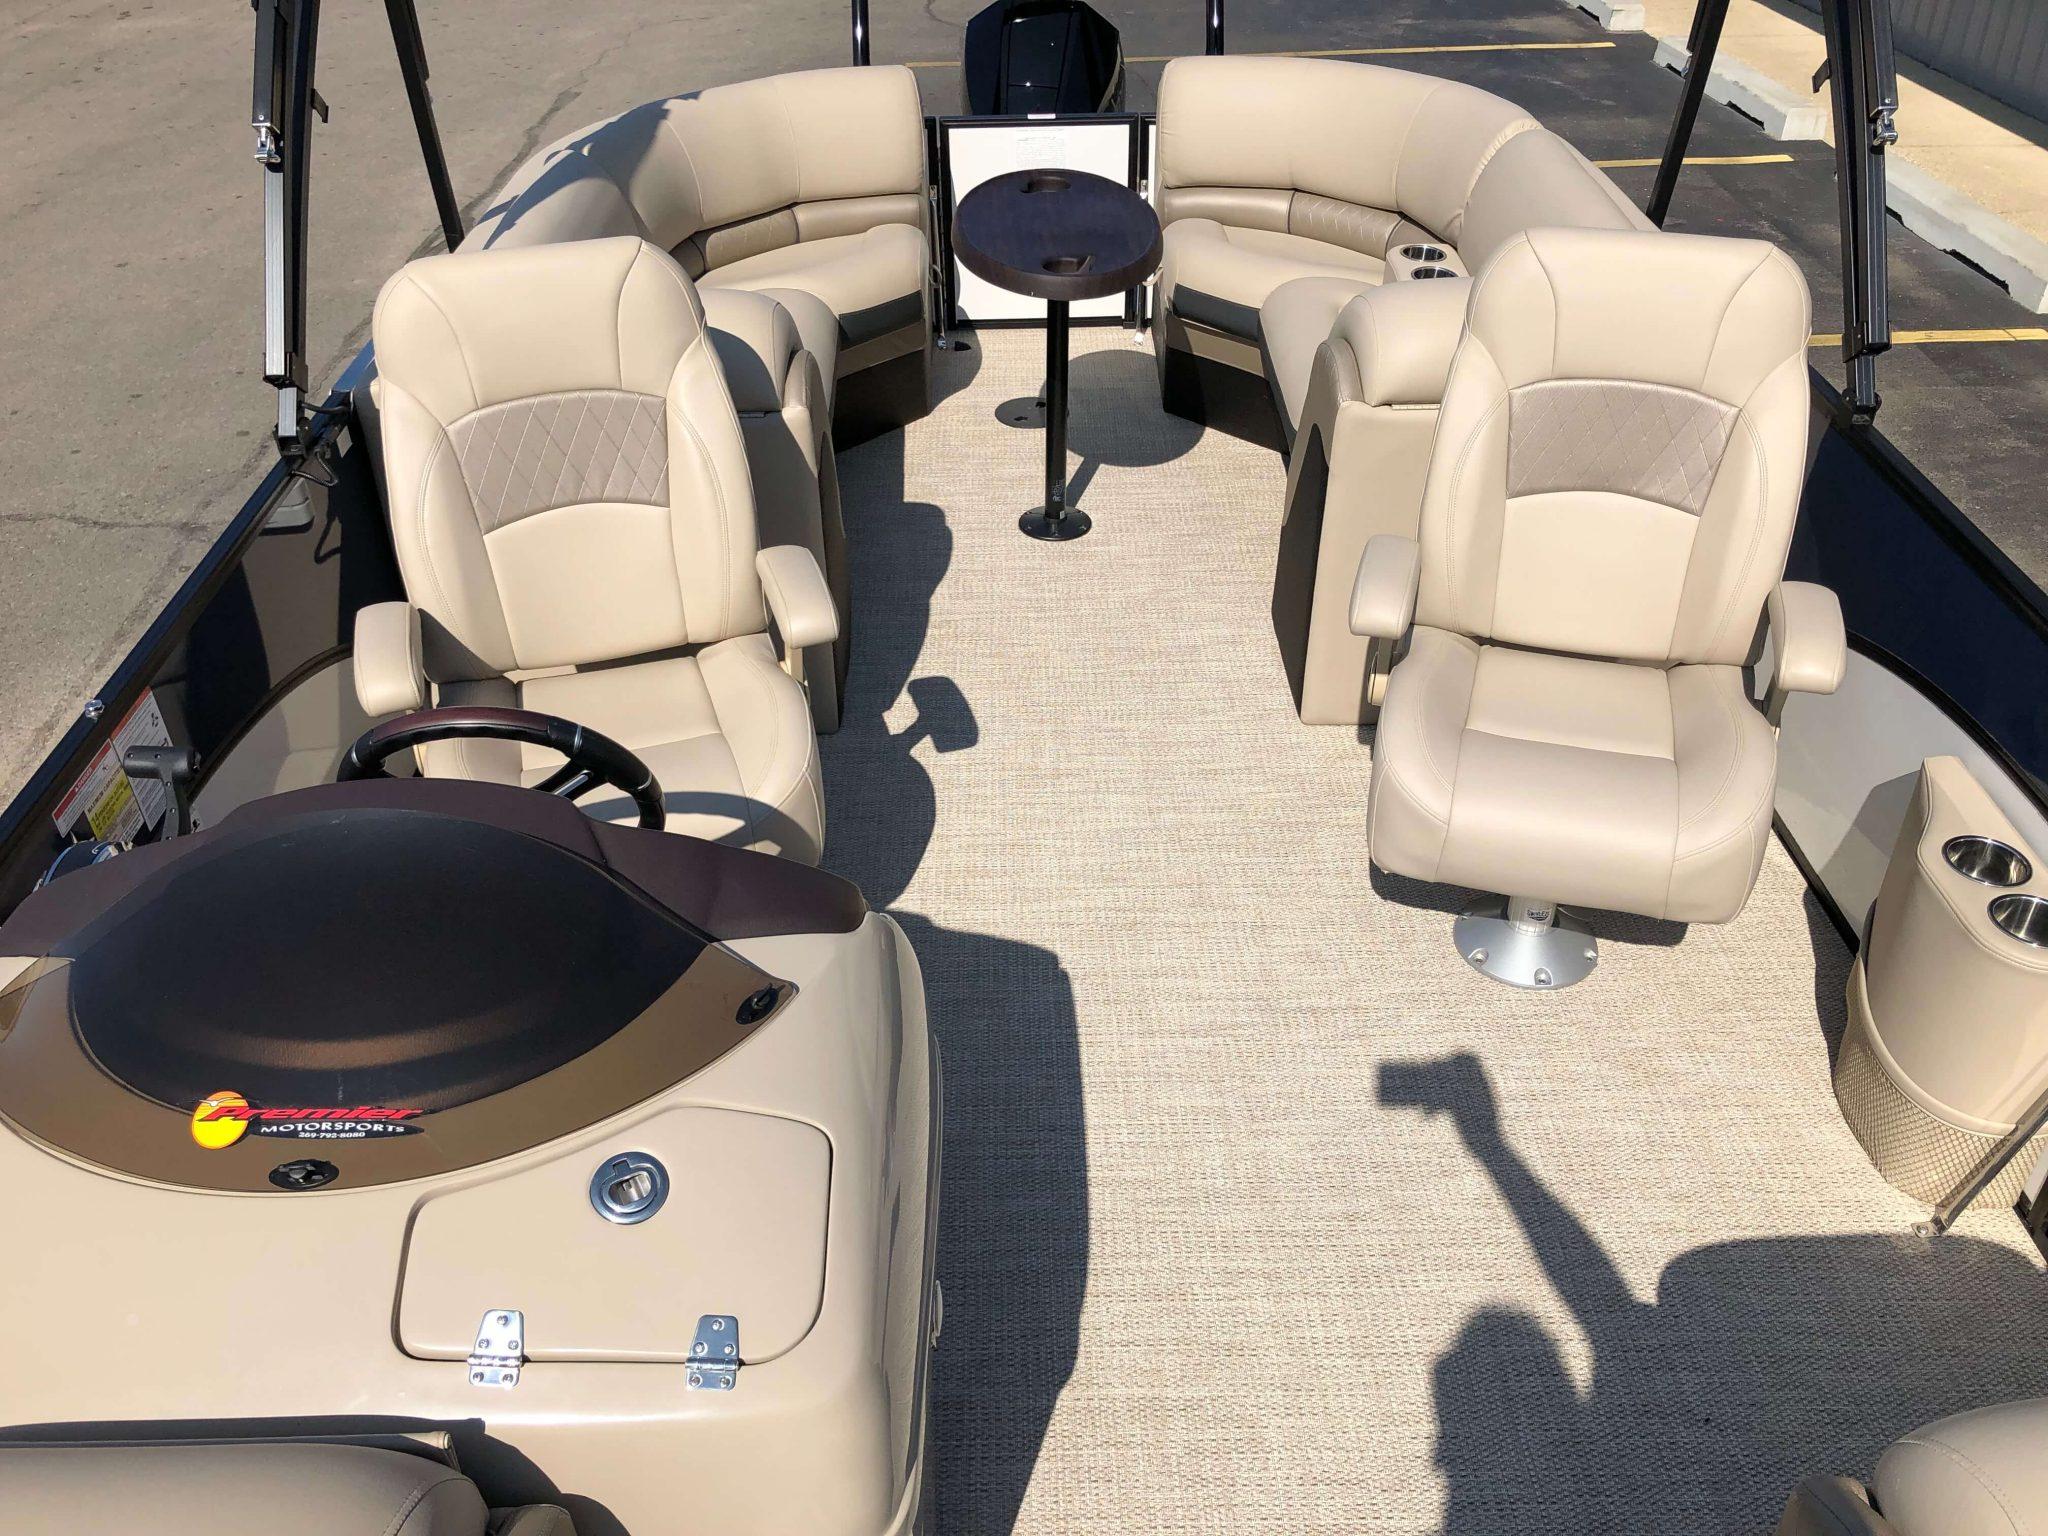 2019 Berkshire 25RFX STS Luxury Tritoon Layout 3